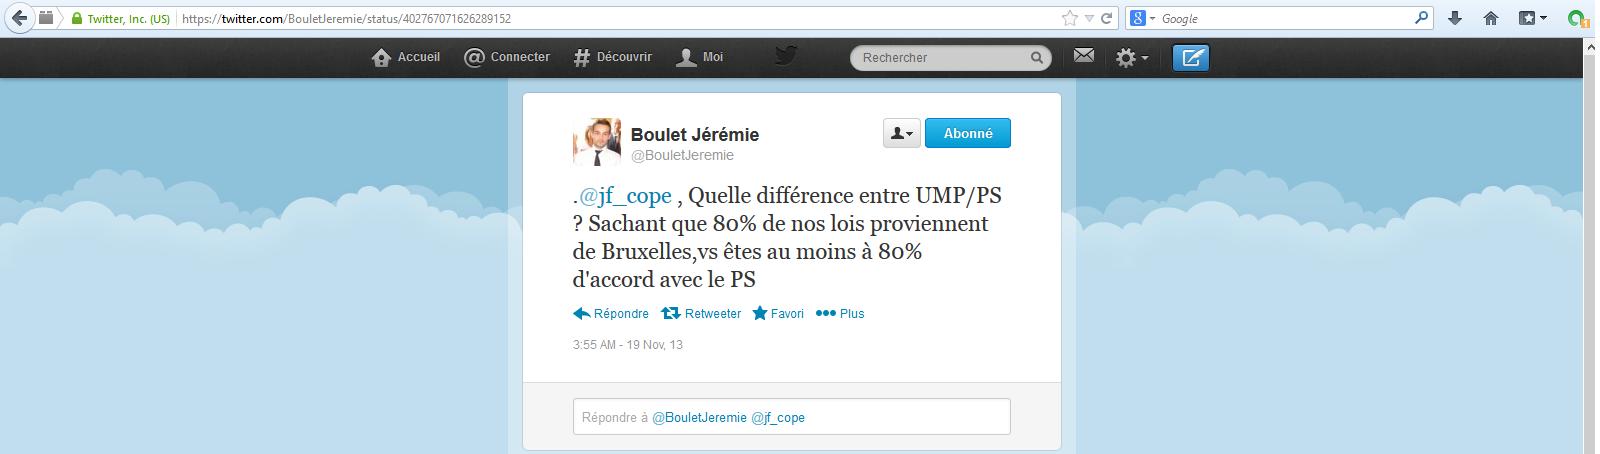 Jeremie-Boulet-19-11-13-UMPS